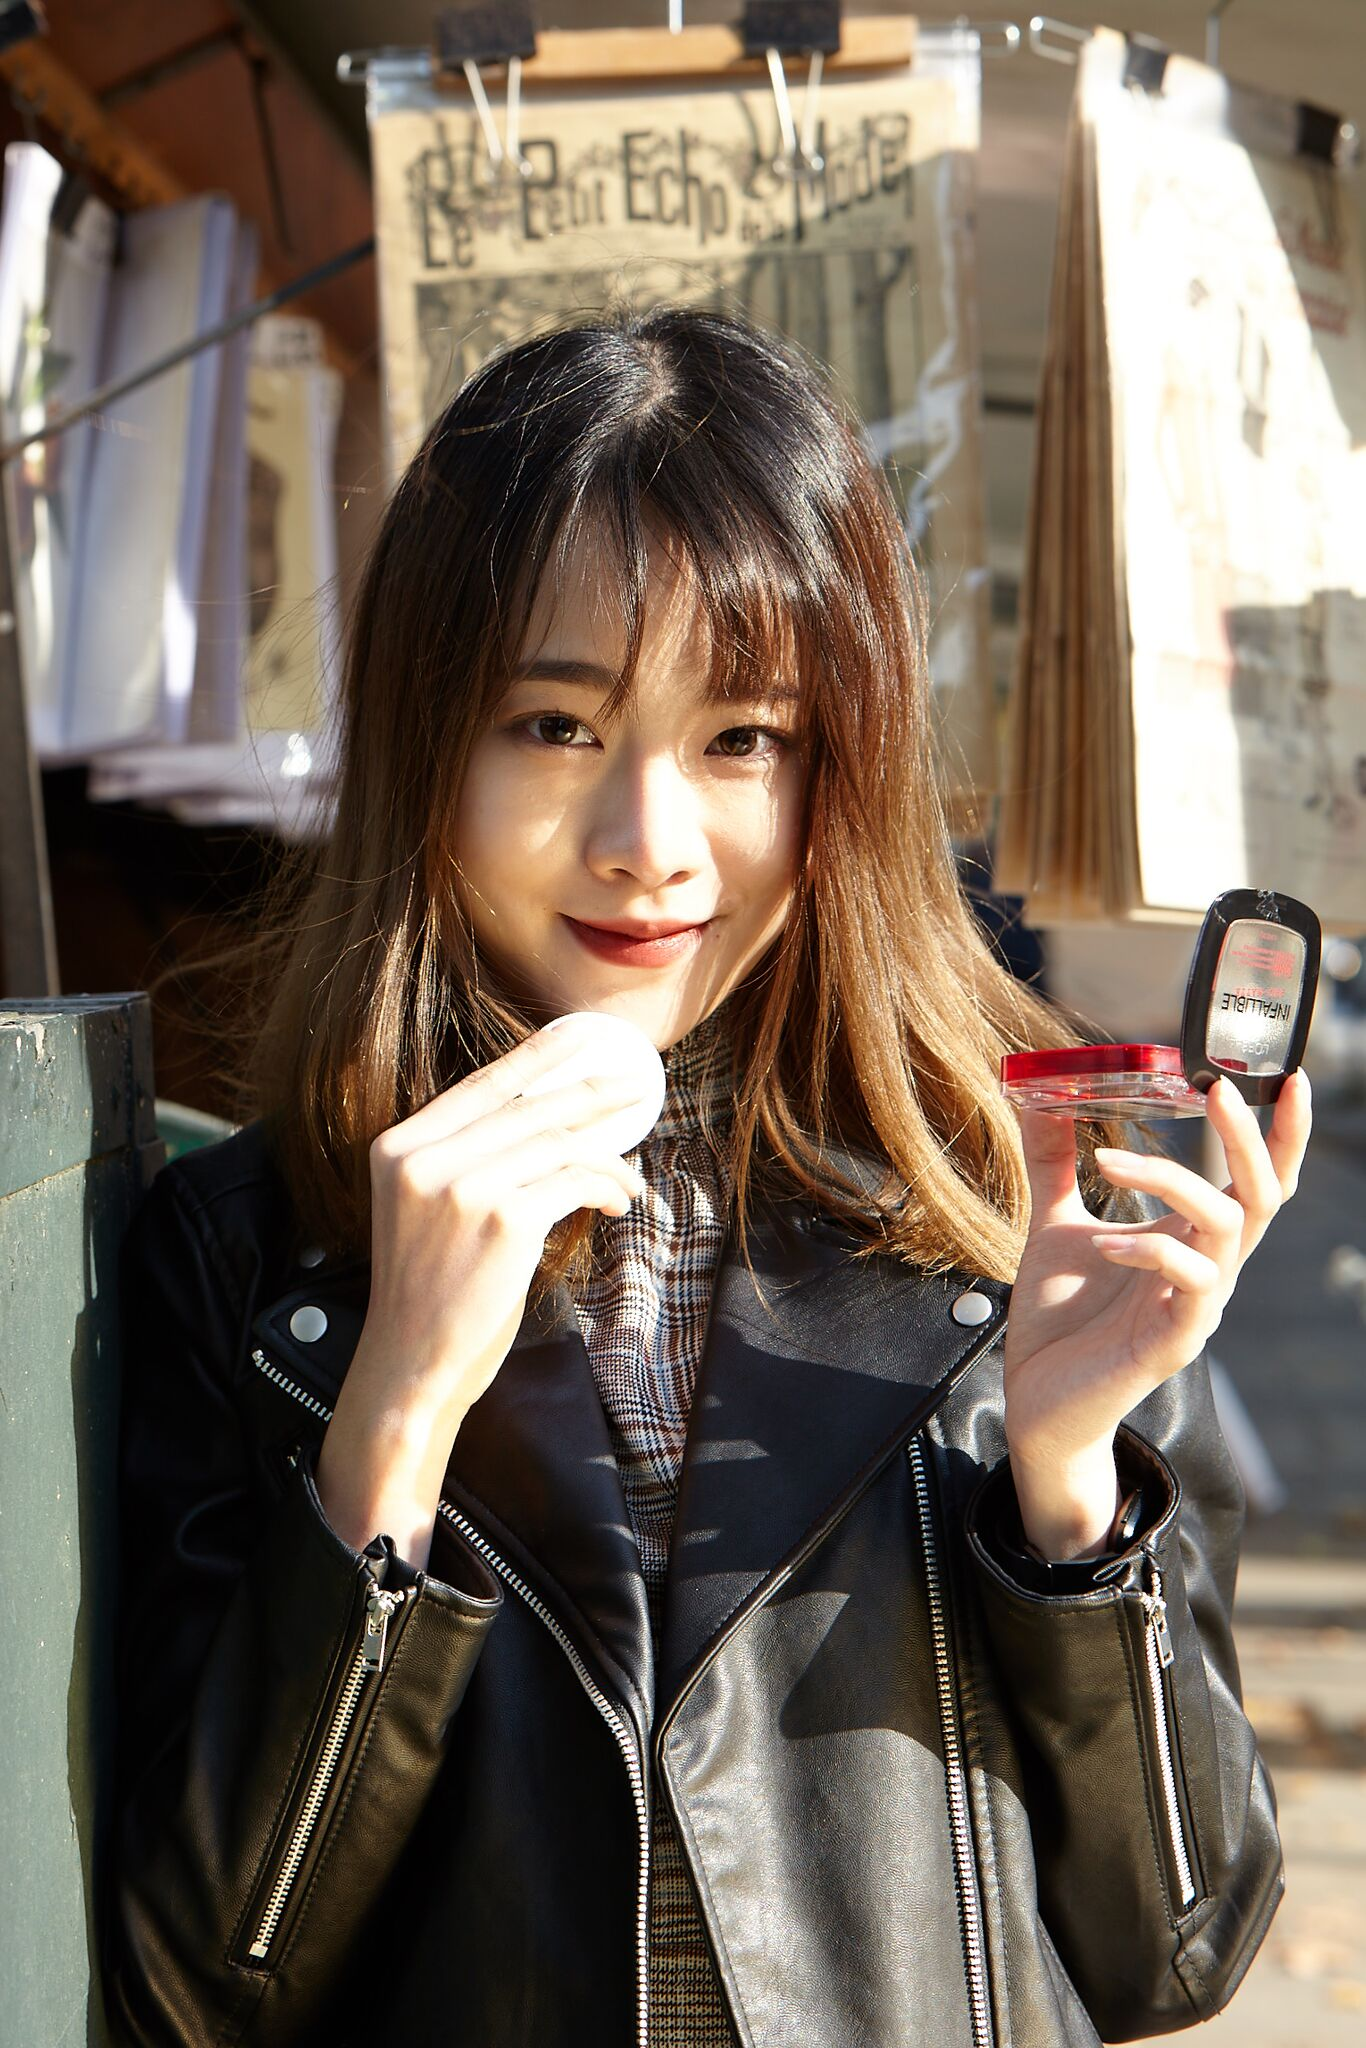 Đệ nhất rich-kid châu Á Evangelista Heart, Mai Davika Hoorne, Kỳ Duyên cùng dàn người đẹp quy tụ tại Paris Fashion Week - Ảnh 14.